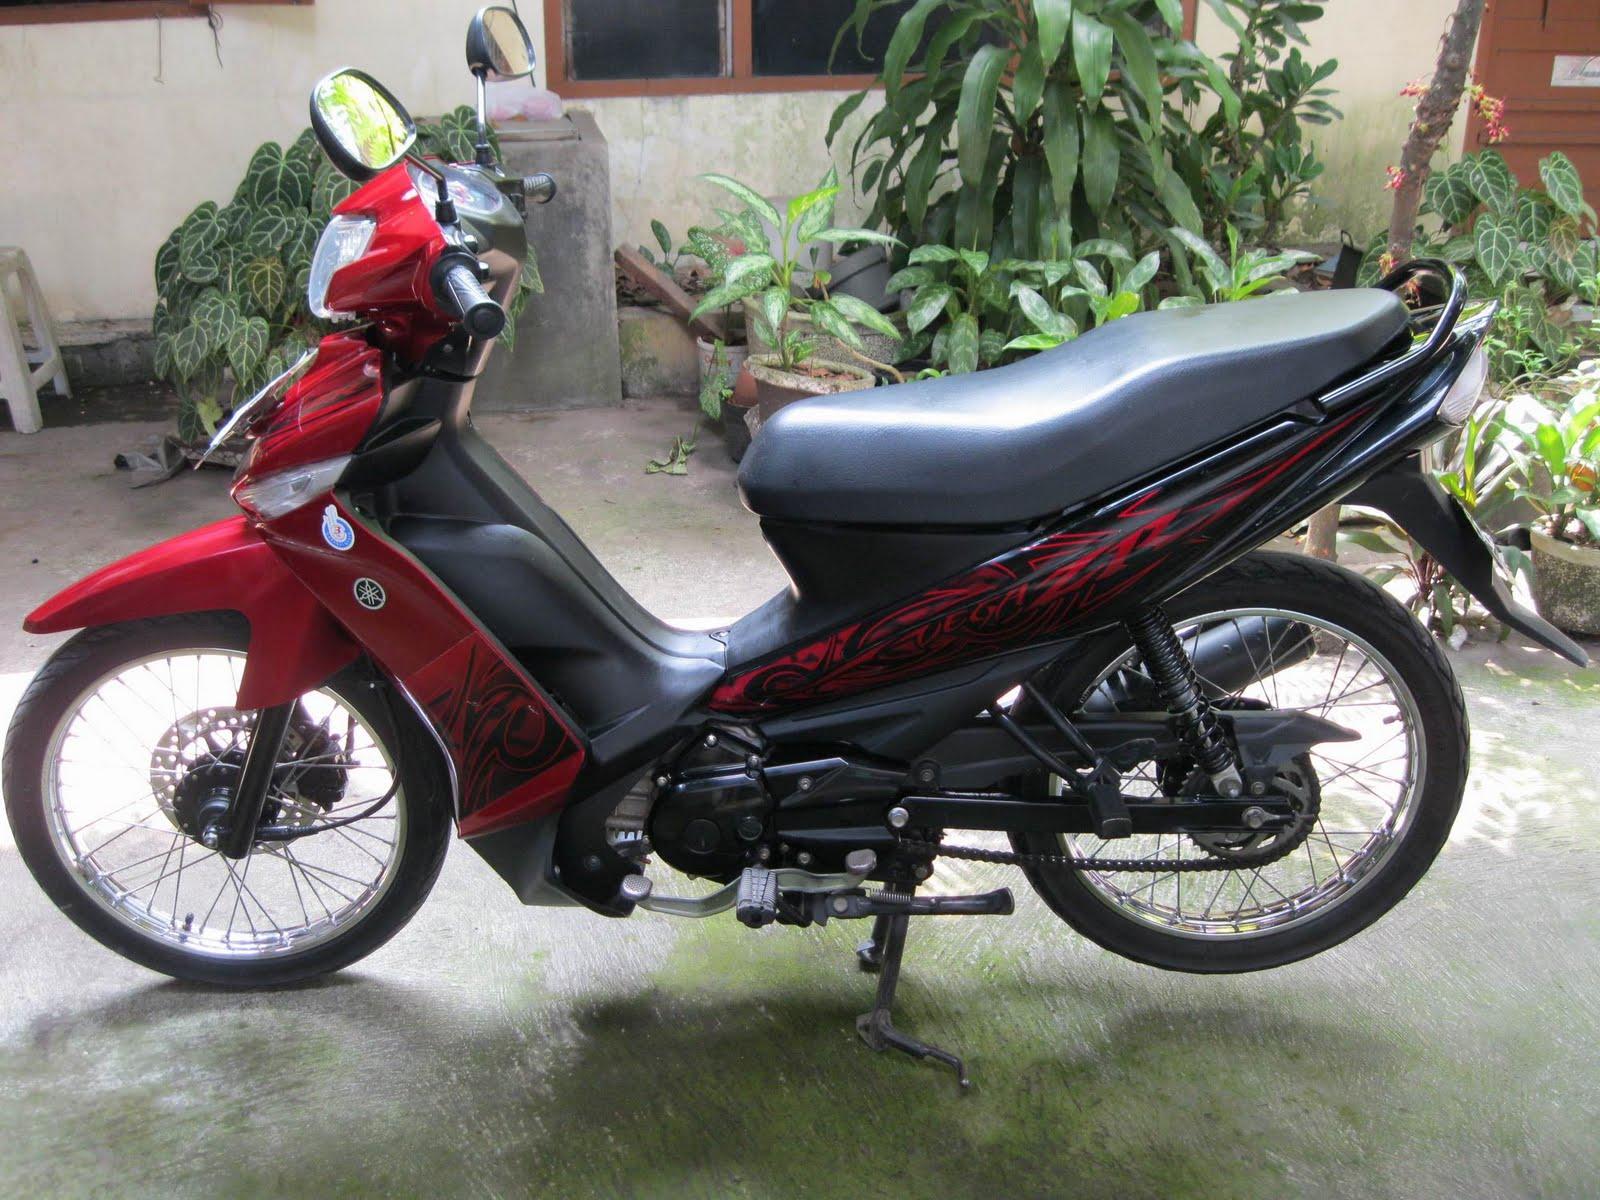 Jual Mobil Dan Motor Di Solo: Jual Motor YAMAHA VEGA ZR 2010